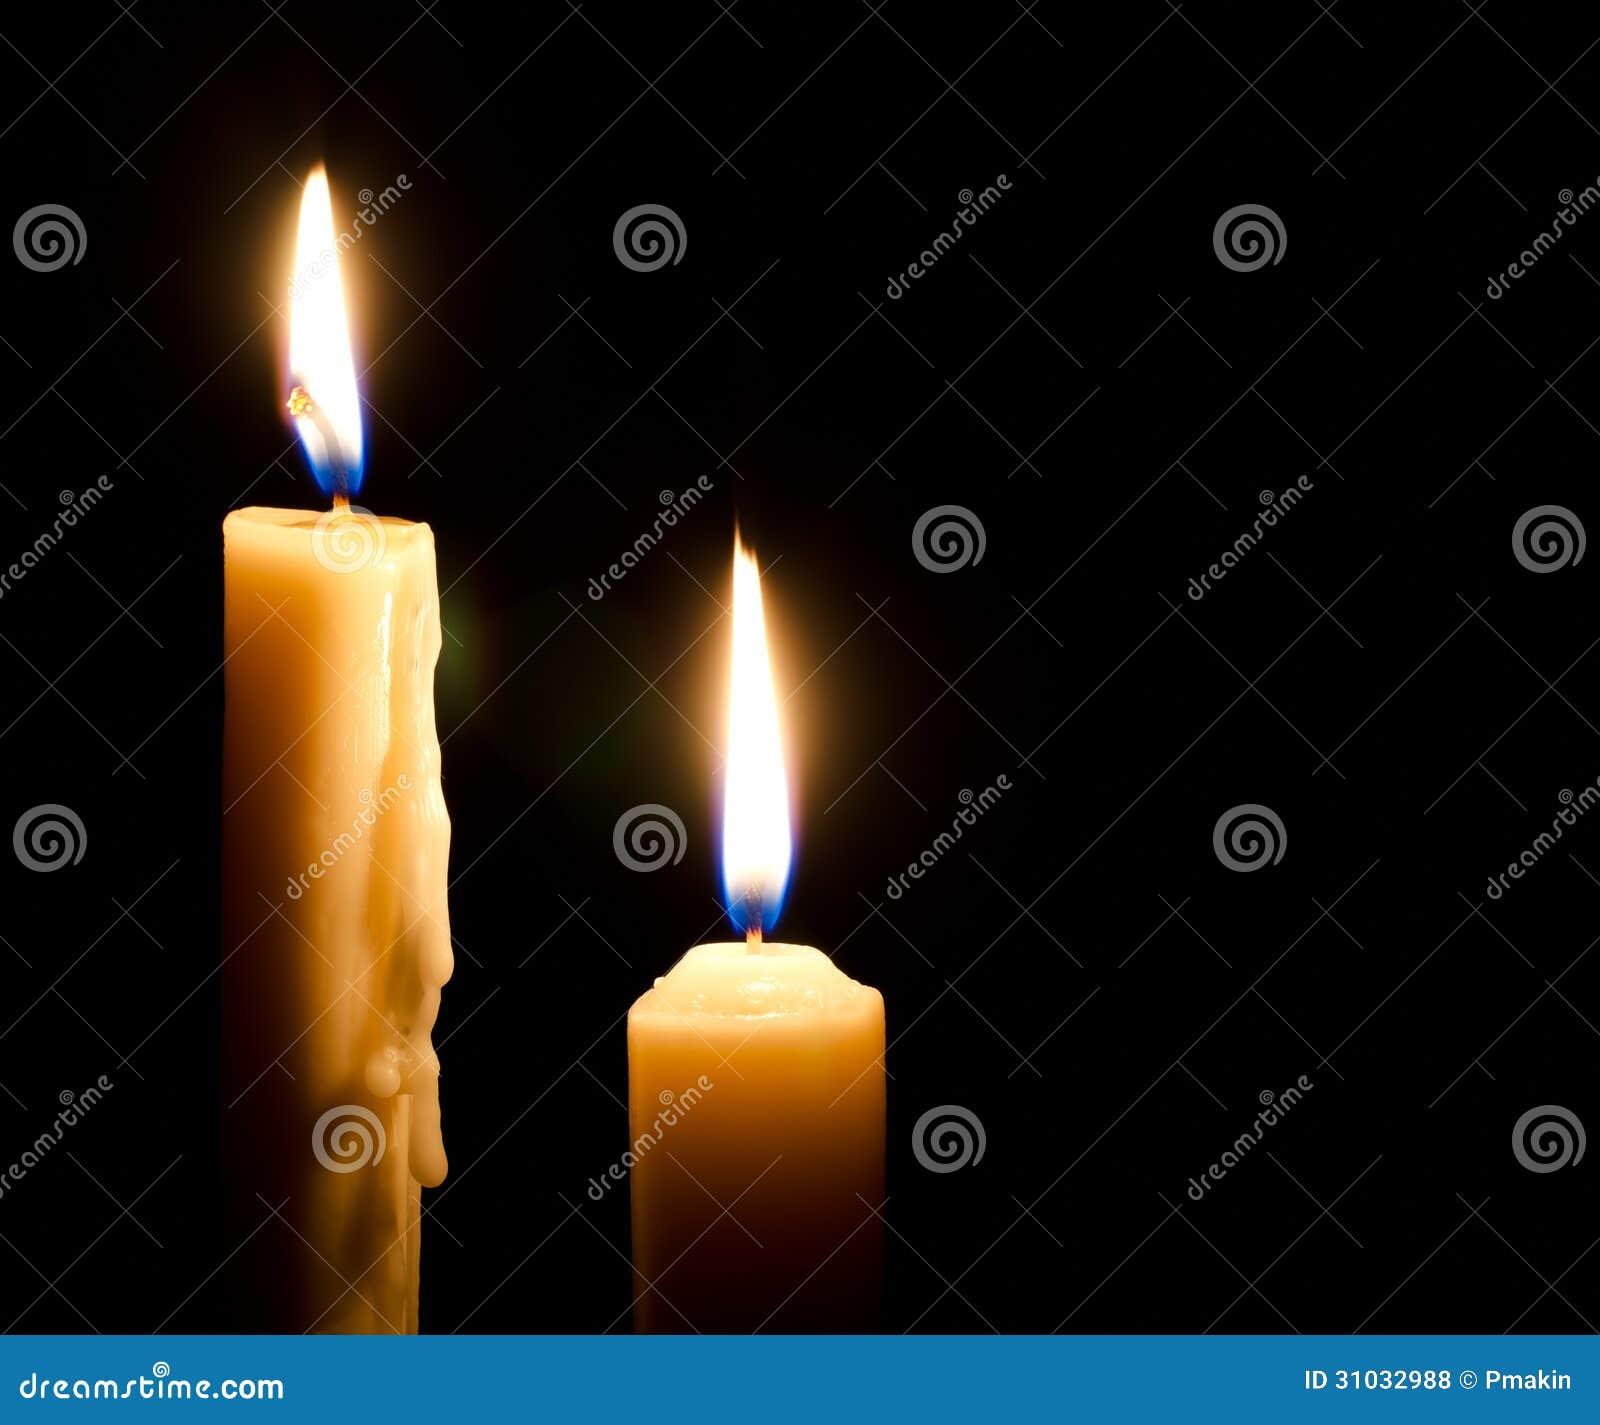 Фото горящей свечи